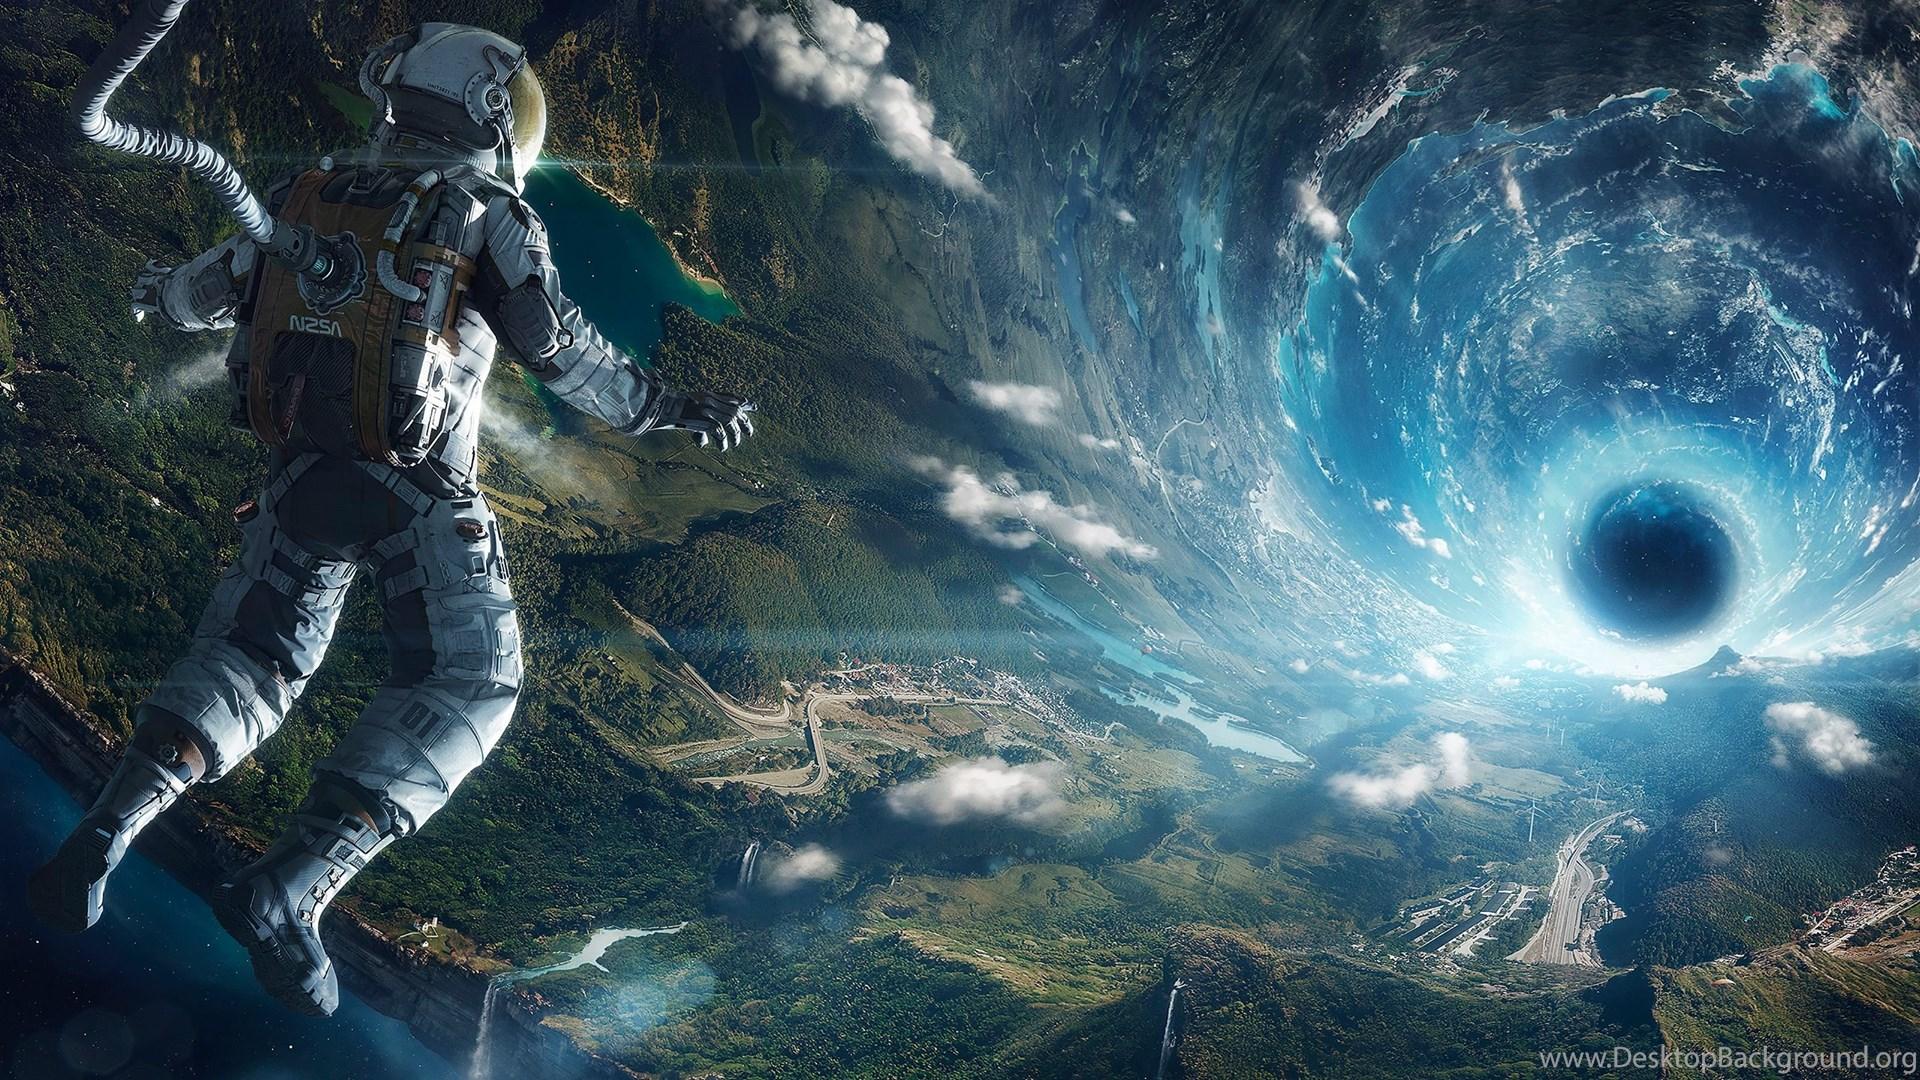 Sci Fi Desktop Backgrounds: Sci Fi Desktop Backgrounds Desktop Background